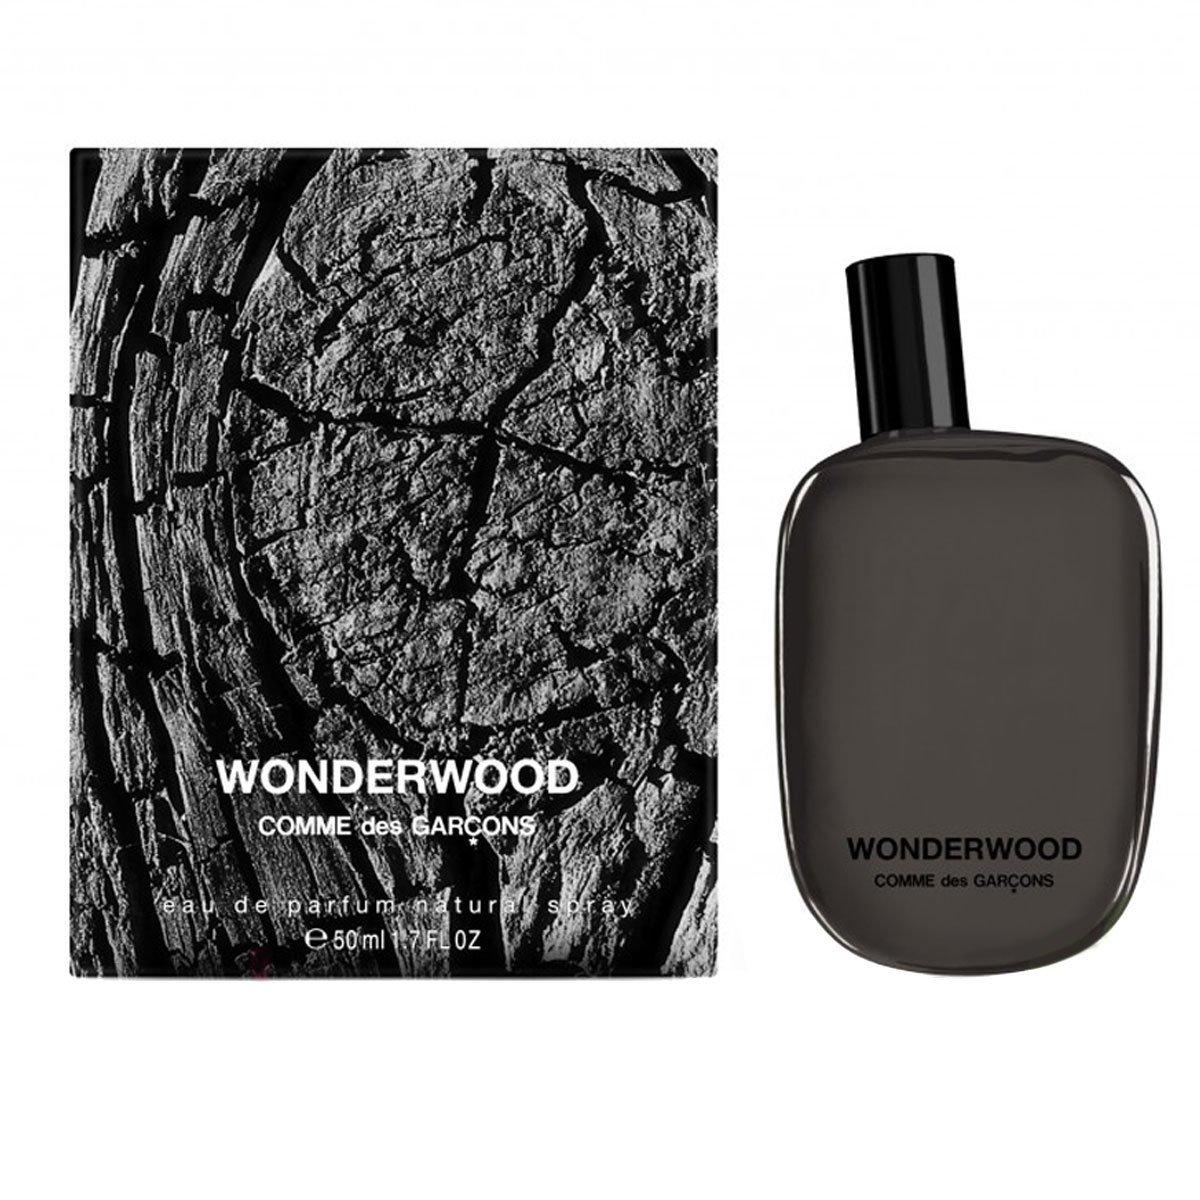 Comme des Garçons Wonderwood Eau de Parfum Vaporisateur  50ml